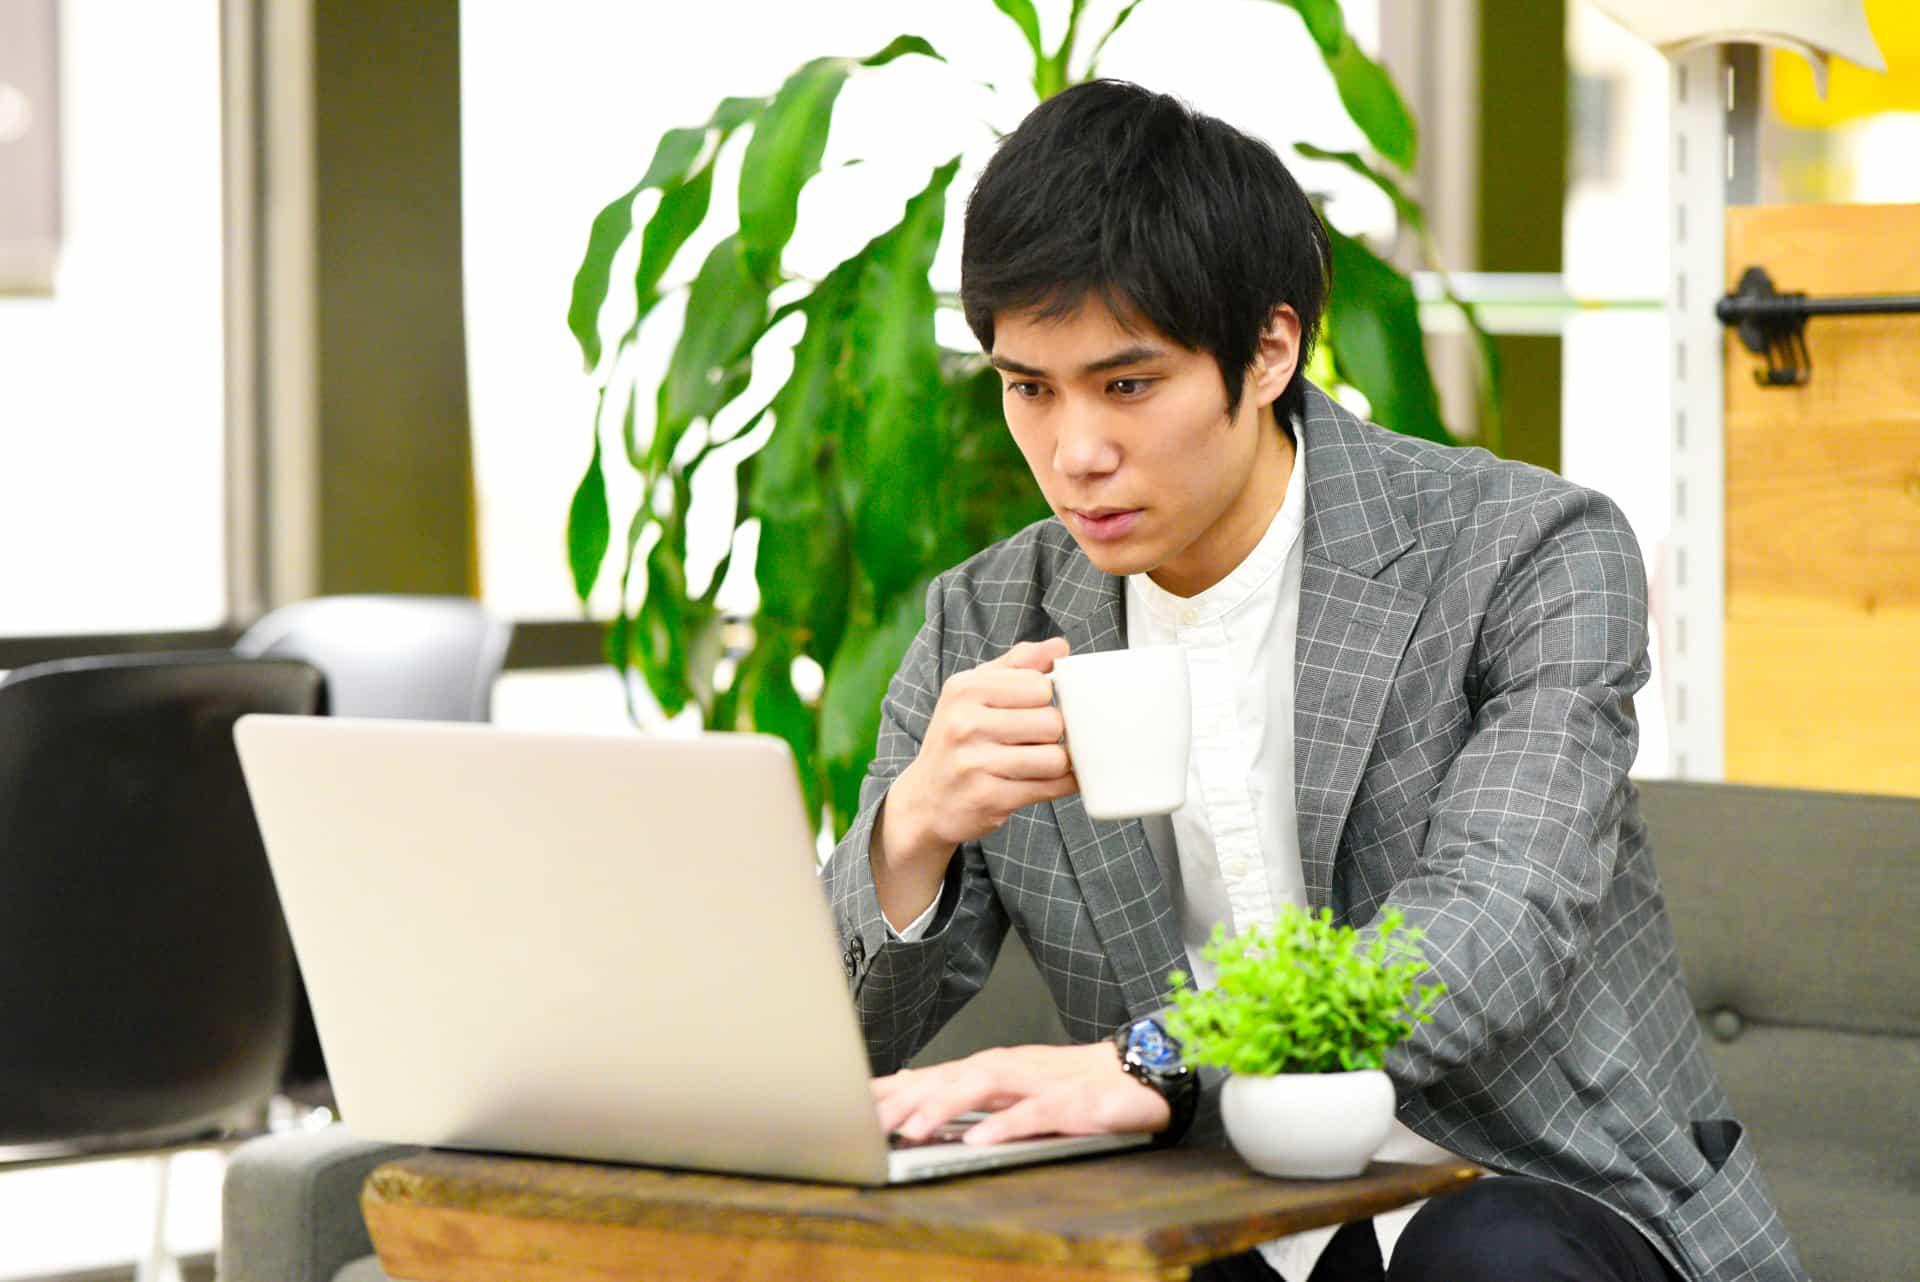 丁寧で仕事が遅い人は成長も遅い